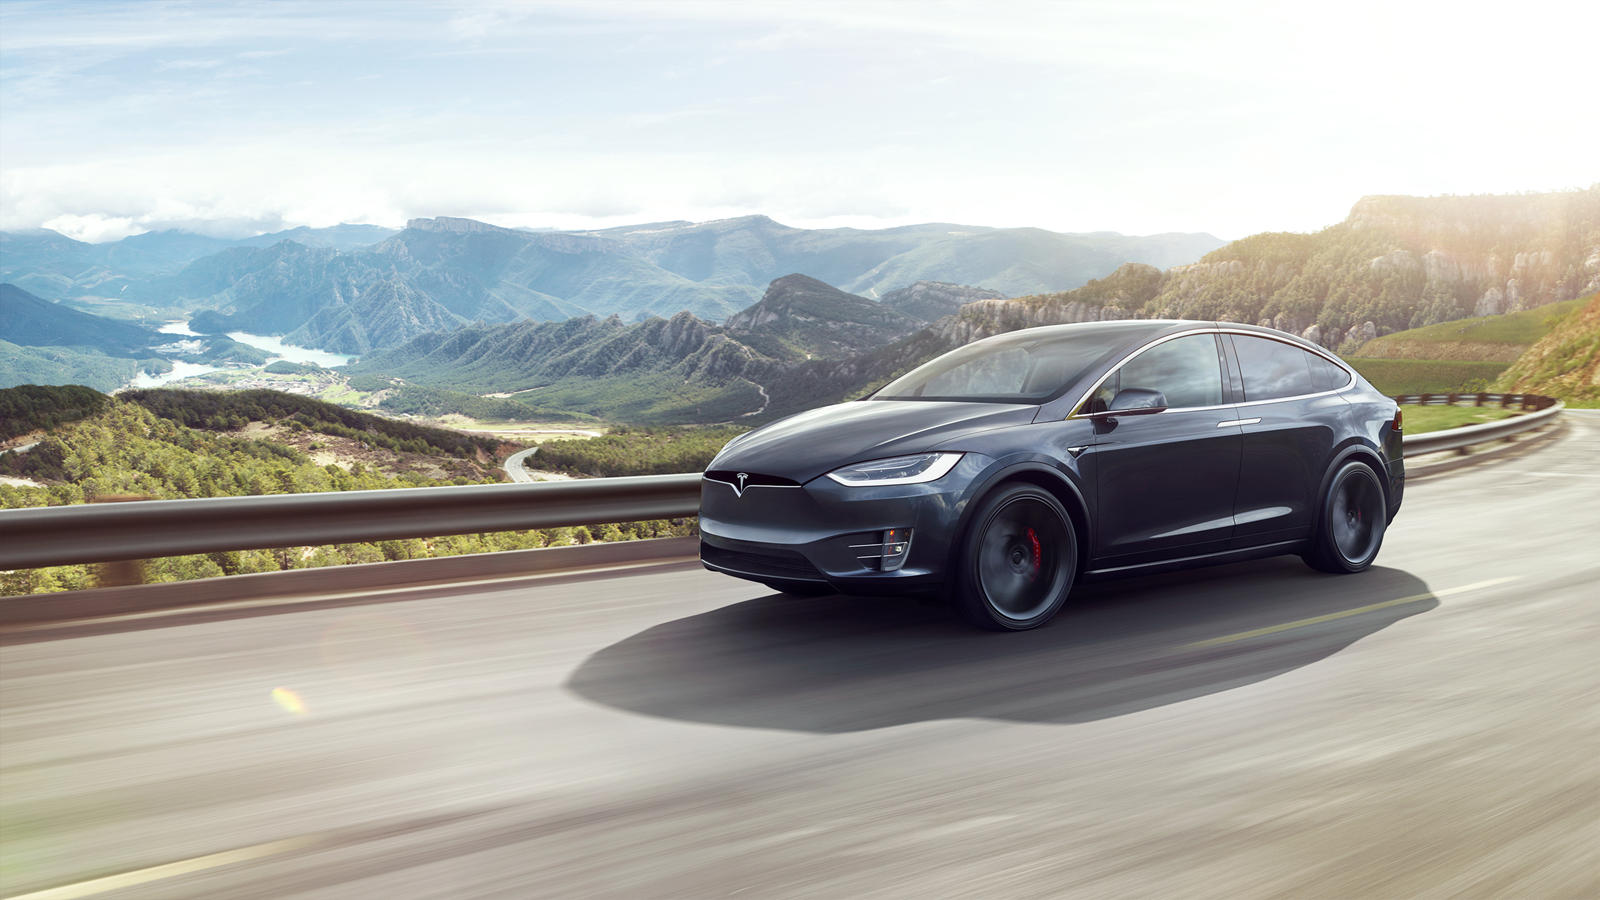 Tesla уже некоторое время является лидером на рынке электромобилей, и компания постоянно занимает лидирующие позиции в этой нише, постоянно совершенствуя свои продукты. Именно так Tesla сражается со своими конкурентами, например, с Rivian. Последнее